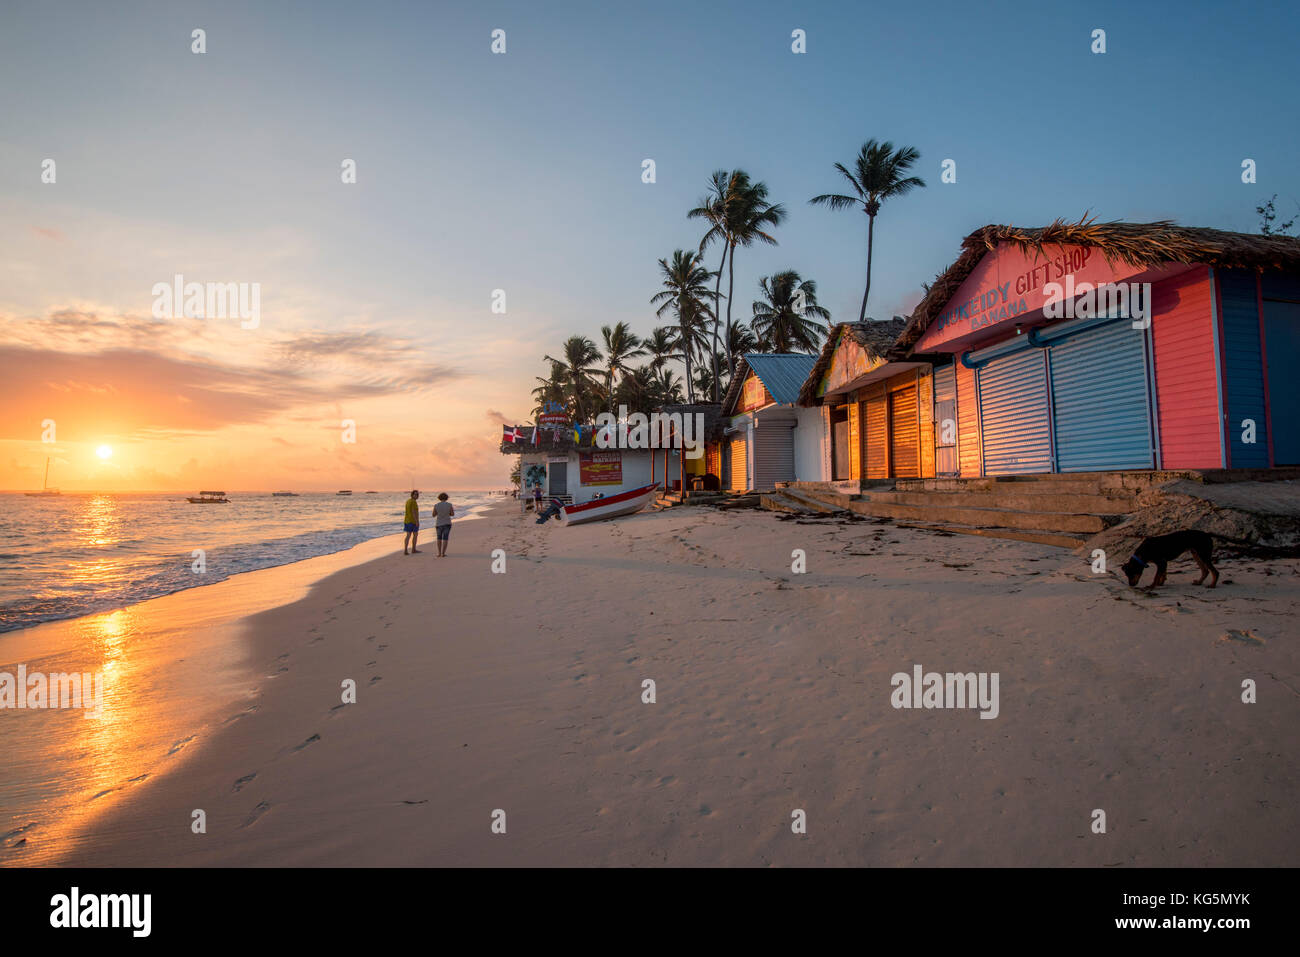 Bavaro beach, Bavaro, higuey, Punta Cana, République dominicaine. cabanes de plage au lever du soleil. Banque D'Images